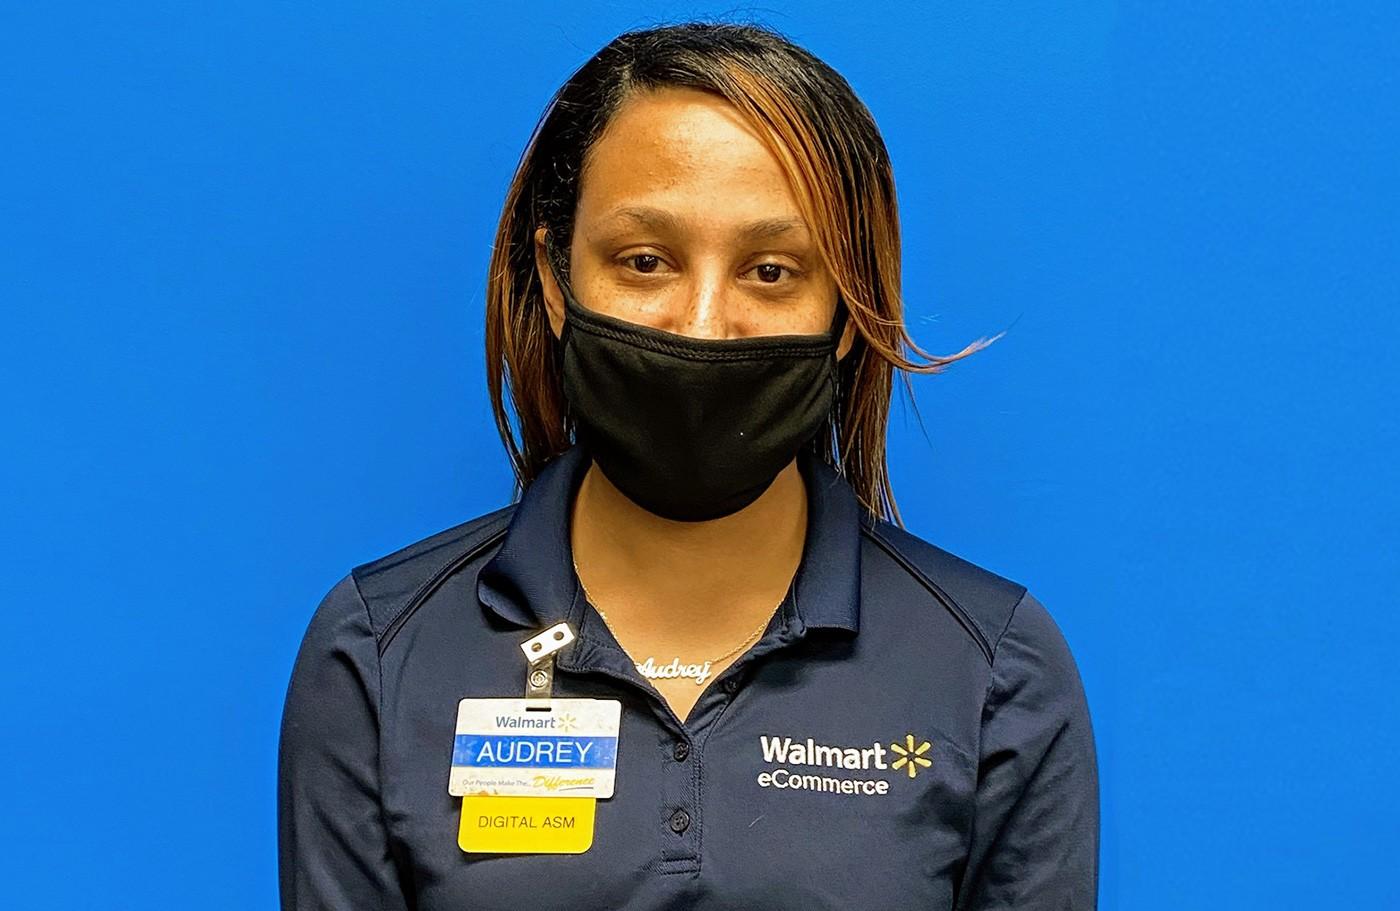 Associate Audrey Headshot